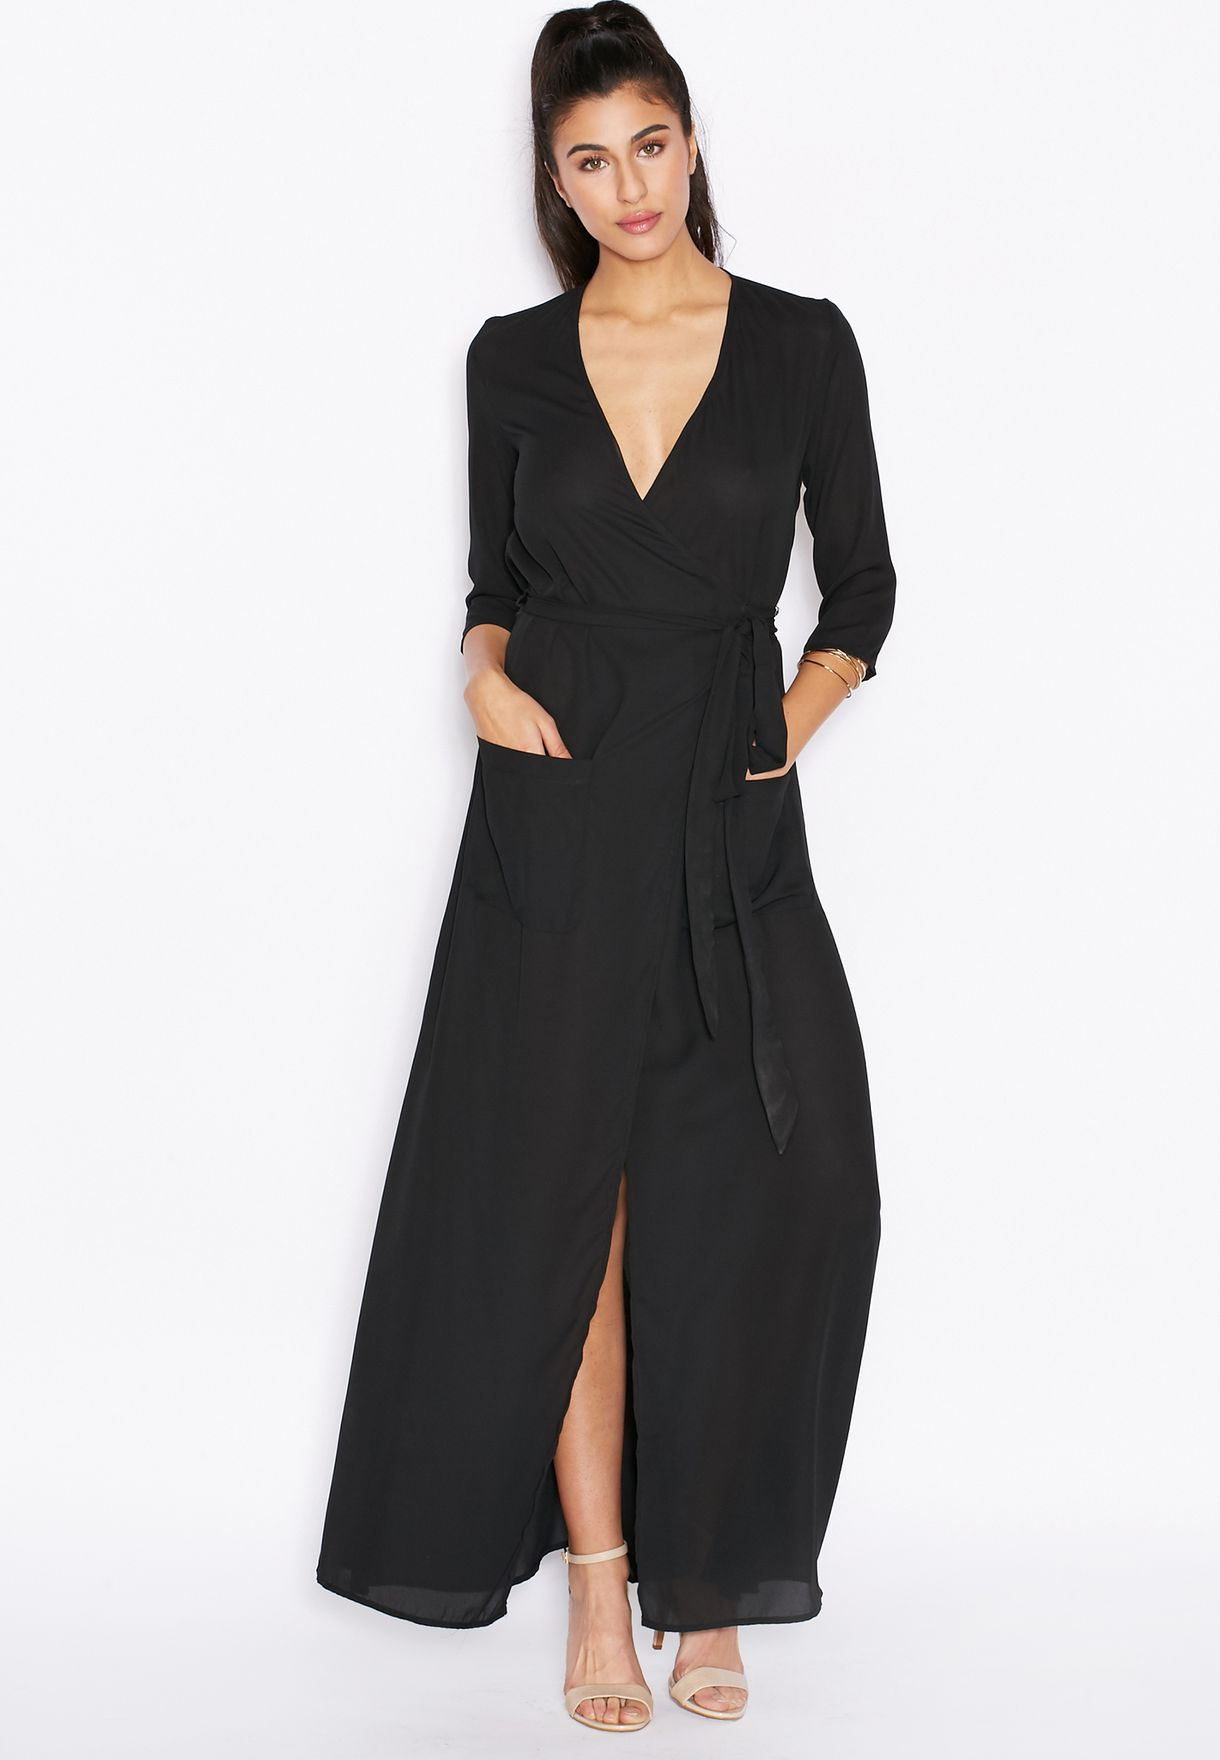 c814fc4e38539 تسوق فستان مكسي بنمط لف ماركة دانسينغ ليوبارد لون أسود في عمان ...